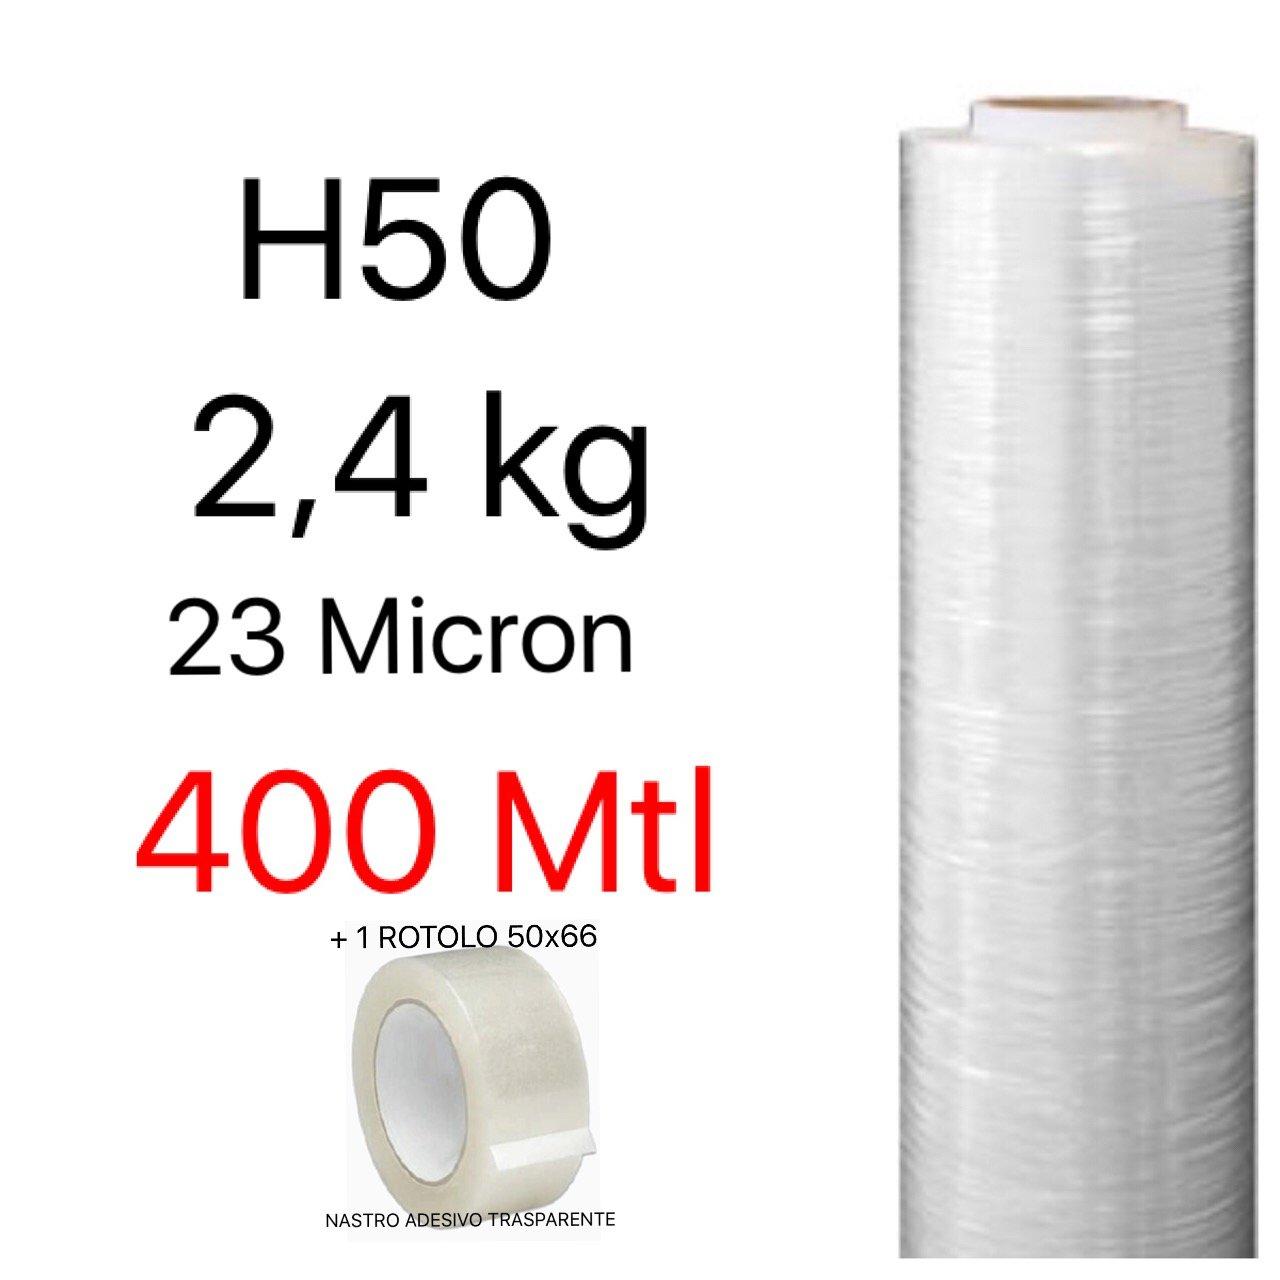 Pellicola Film in Polietilene per Imballo Imballaggi H 50 cm in Rotolo da 400 mtl spessore 23 micron peso 2, 4 kg+NASTRO ADESIVO TRASPARENTE 50x66 NP by PD